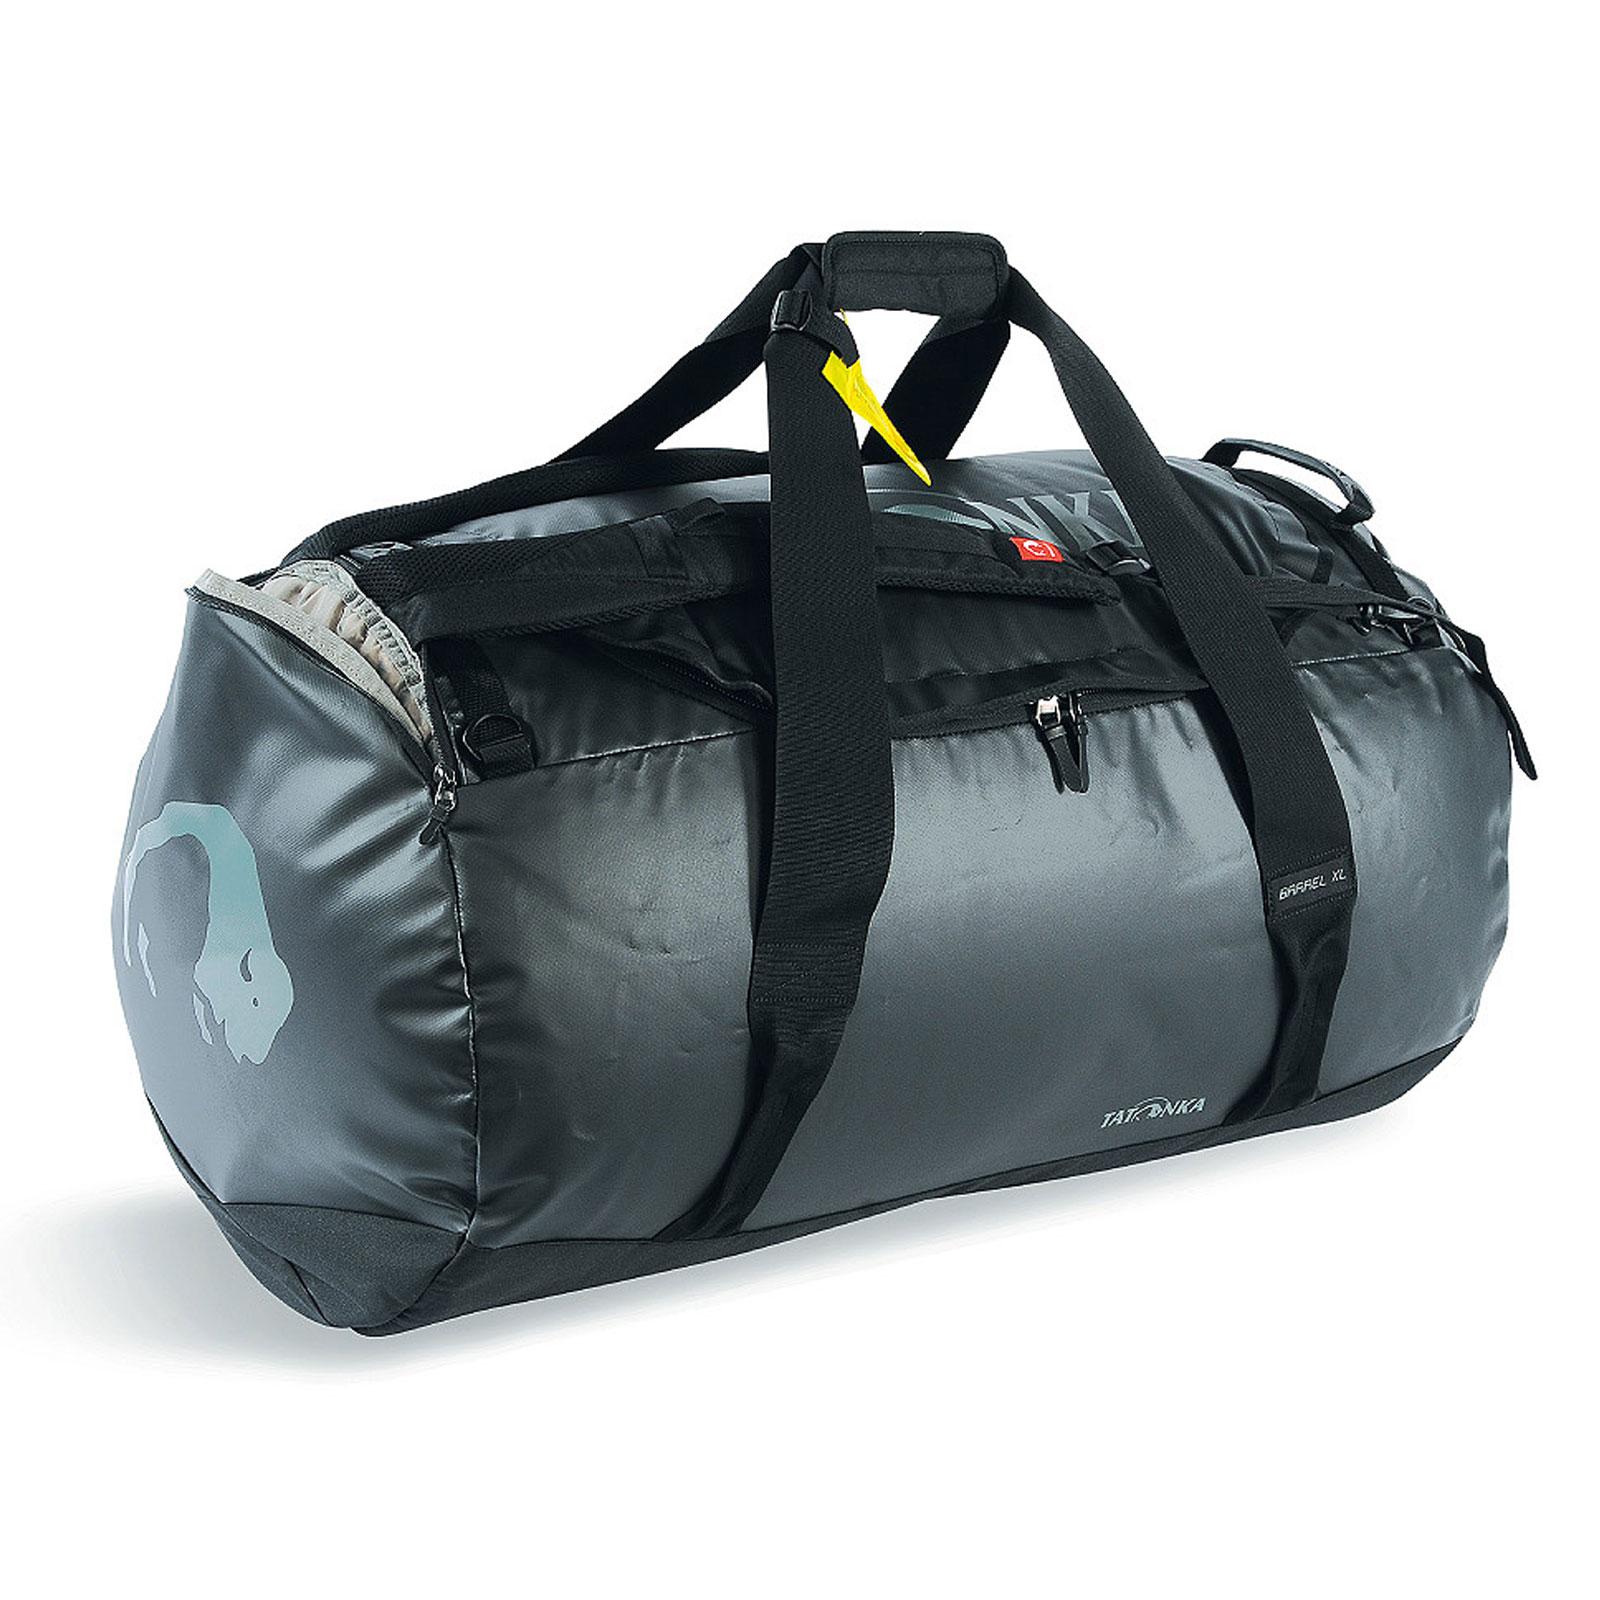 Tatonka Barrel Xl Reisetasche Gunstig Kaufen Koffermarkt